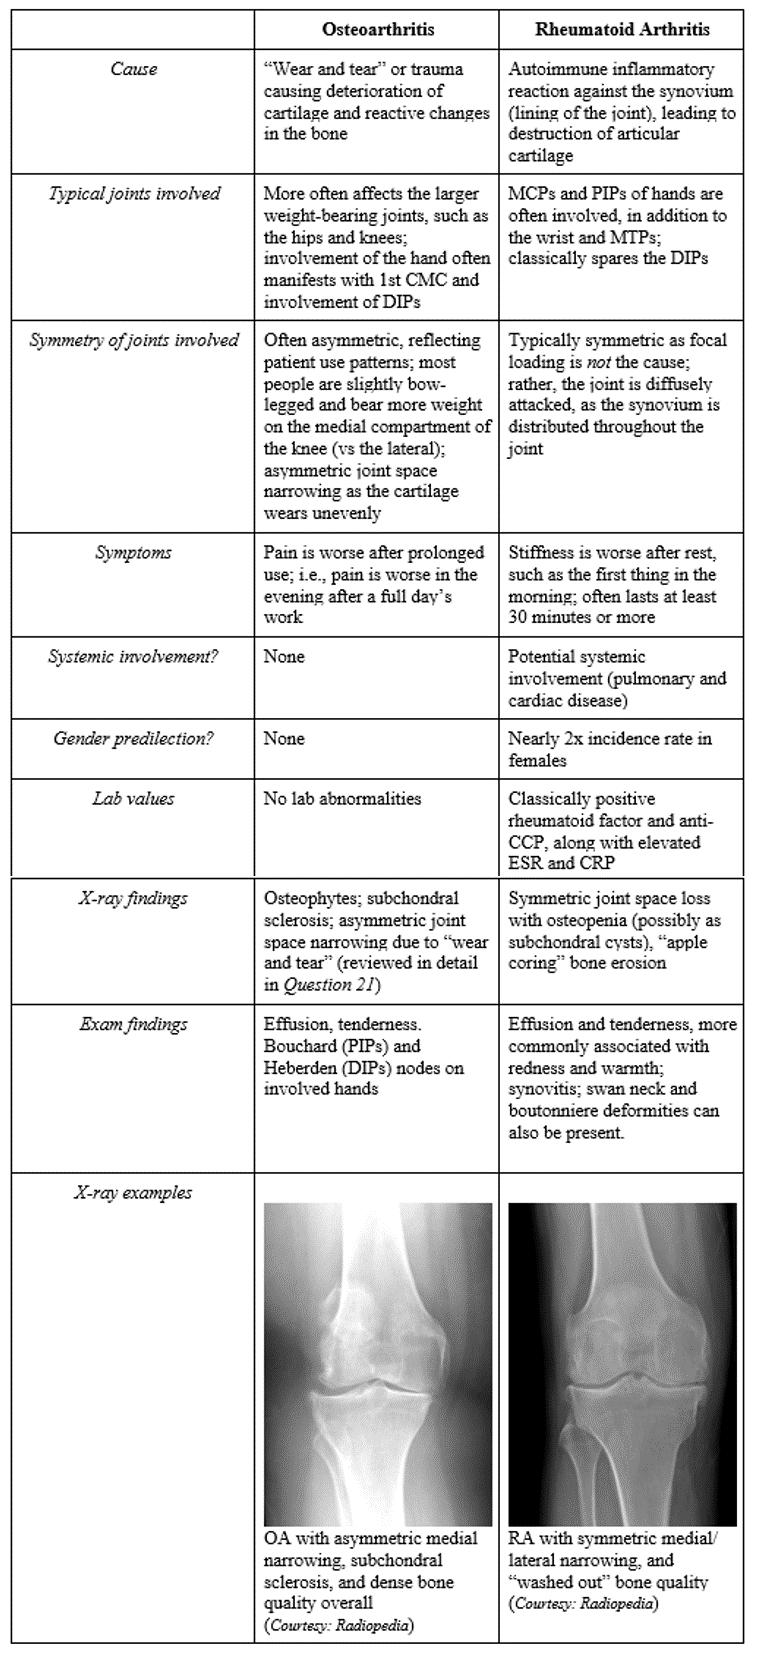 Osteoarthritis symptoms vs rheumatoid arthritis